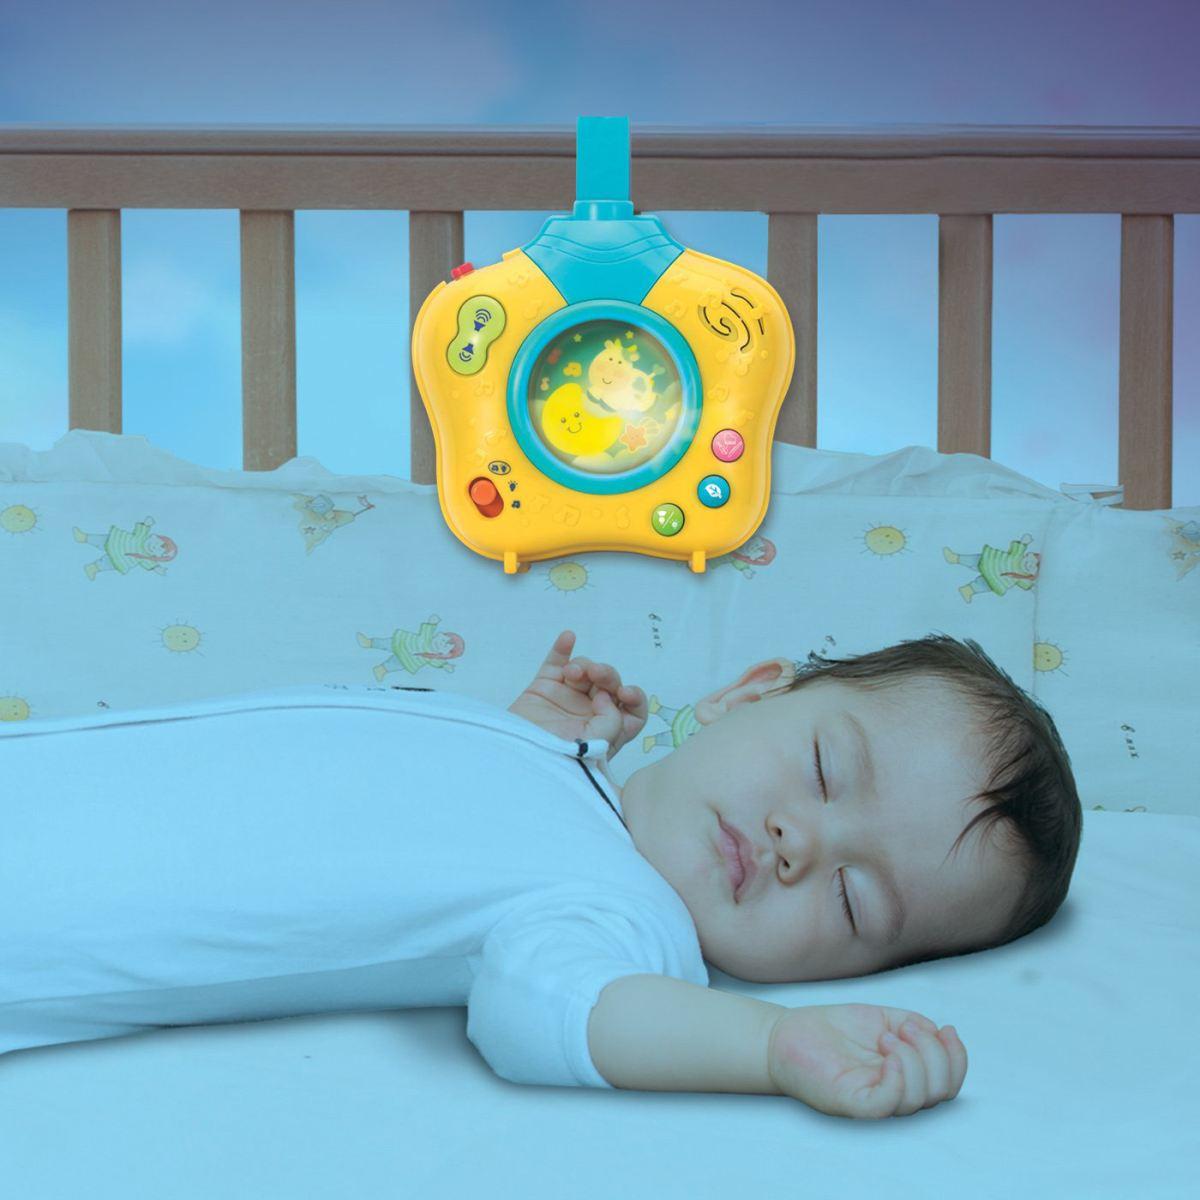 Đèn chiếu ru ngủ phát nhạc